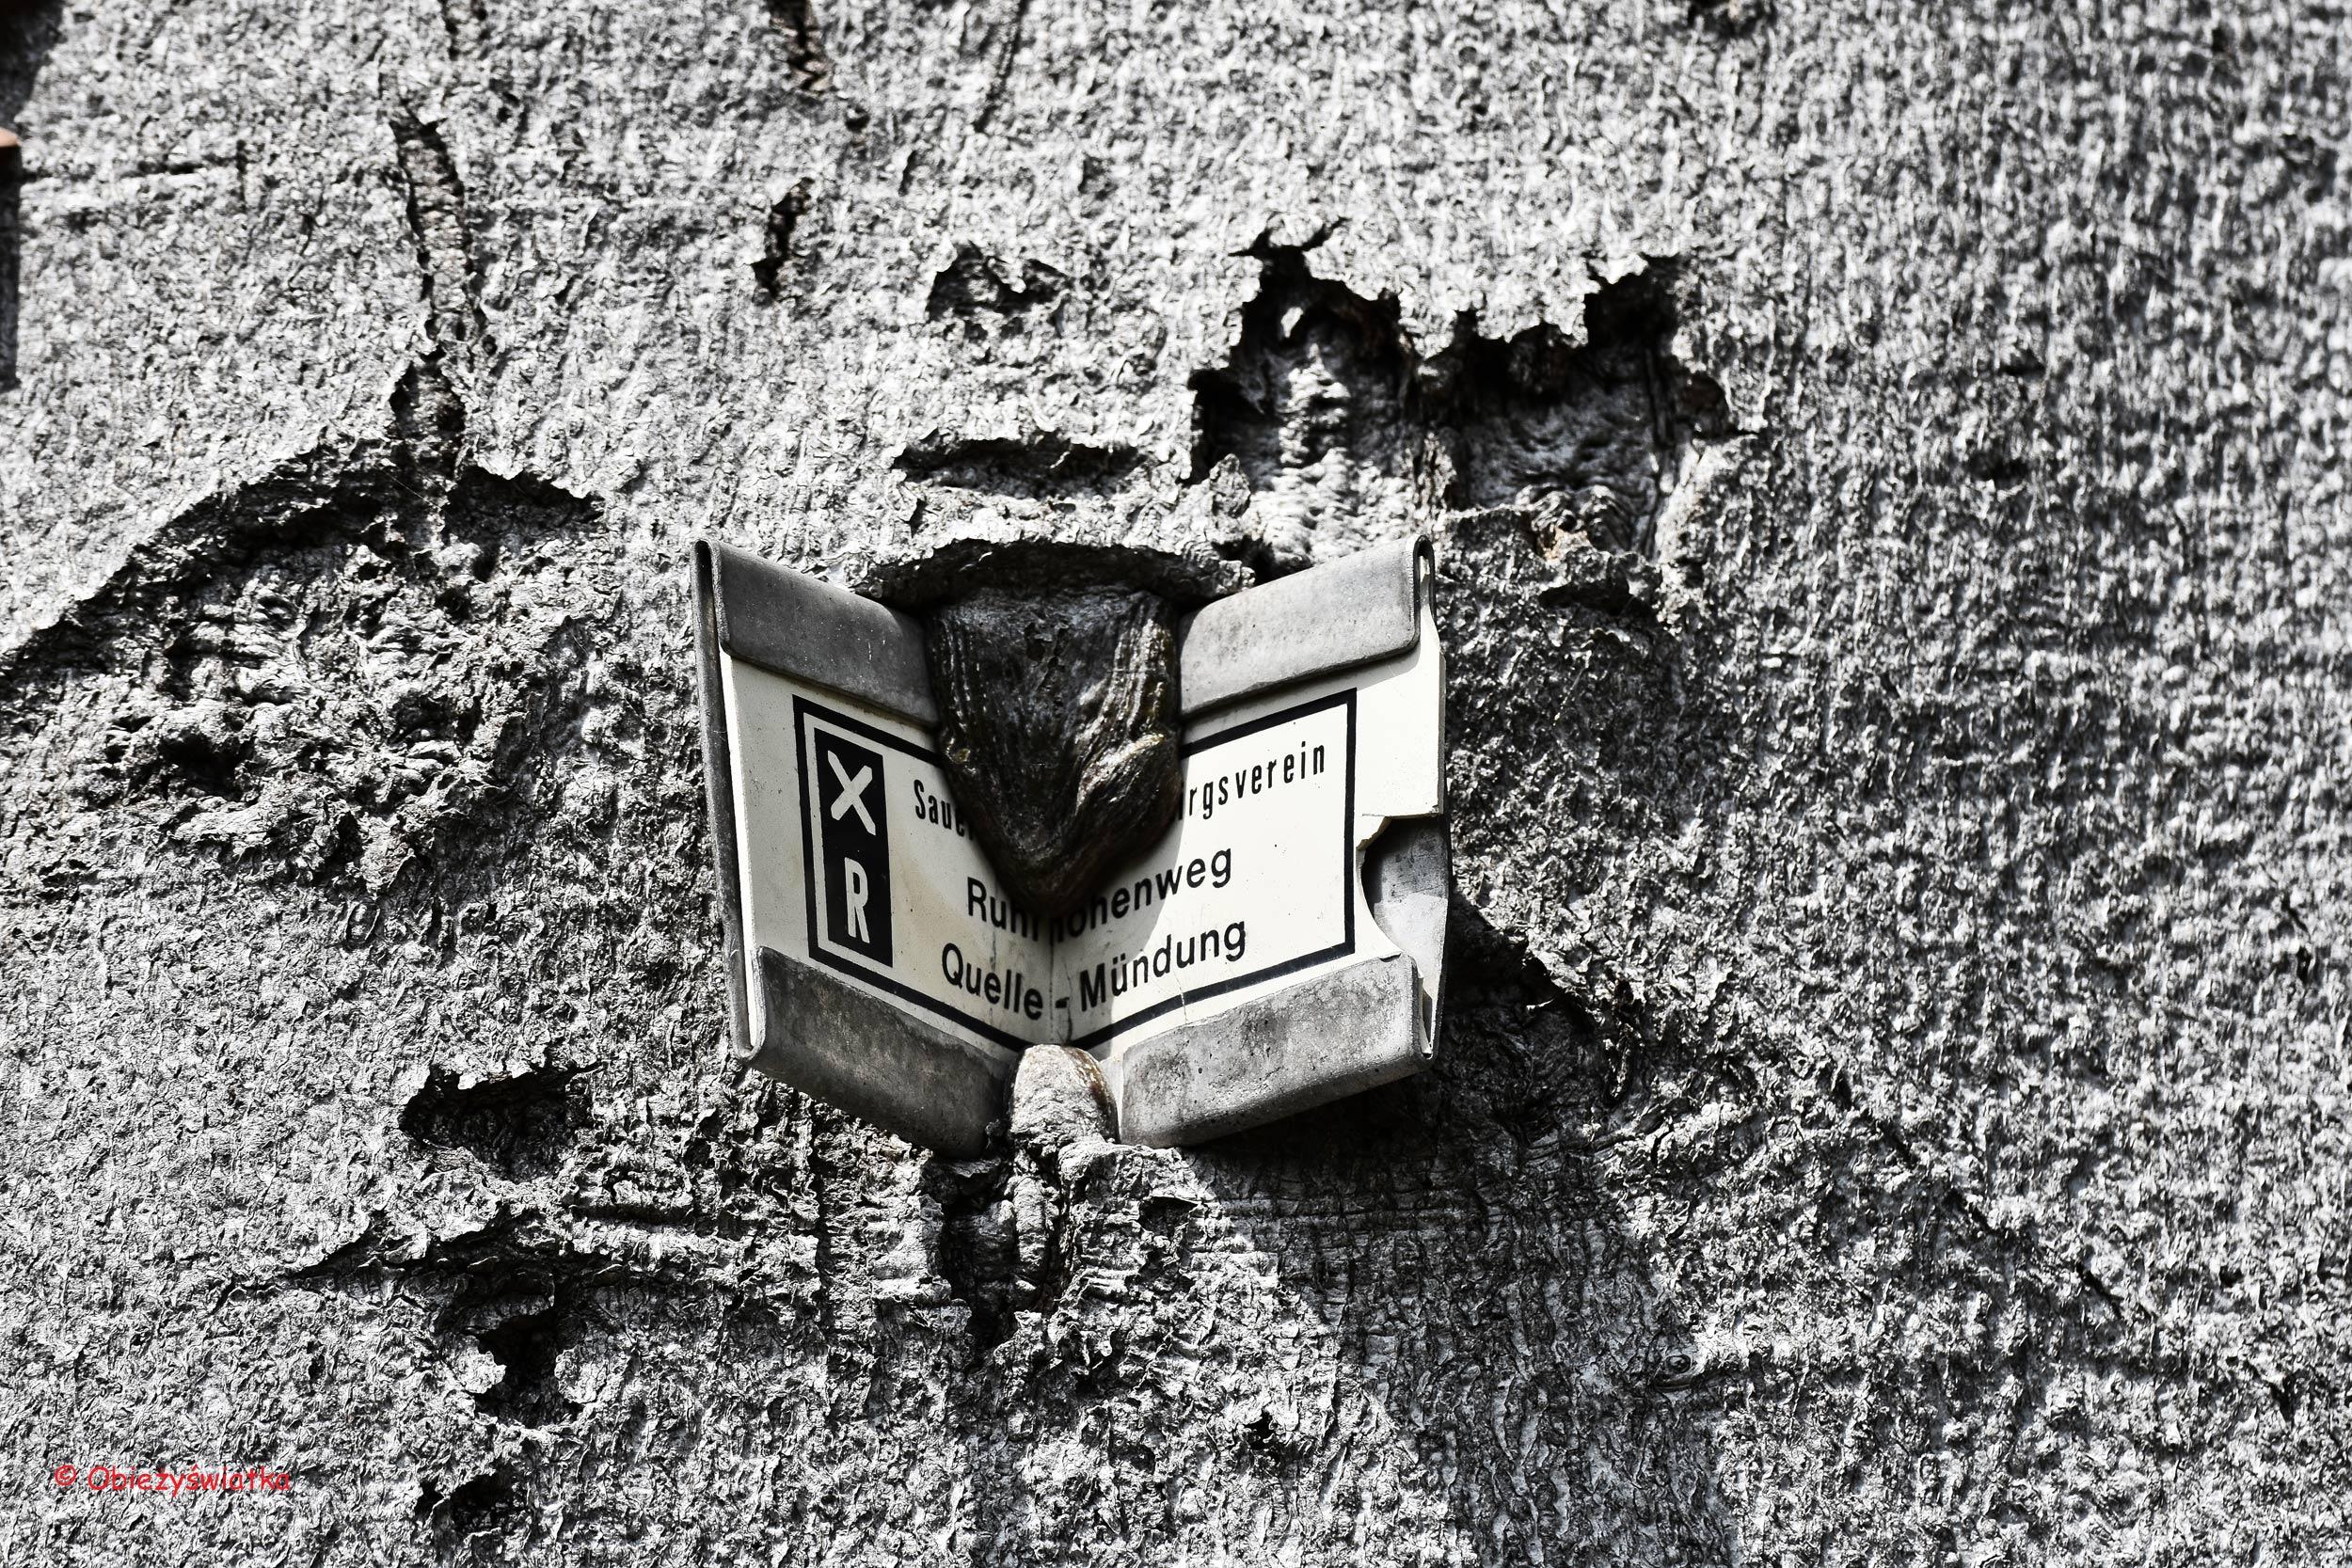 Szyld wrośnięty w drzewo...., Essen